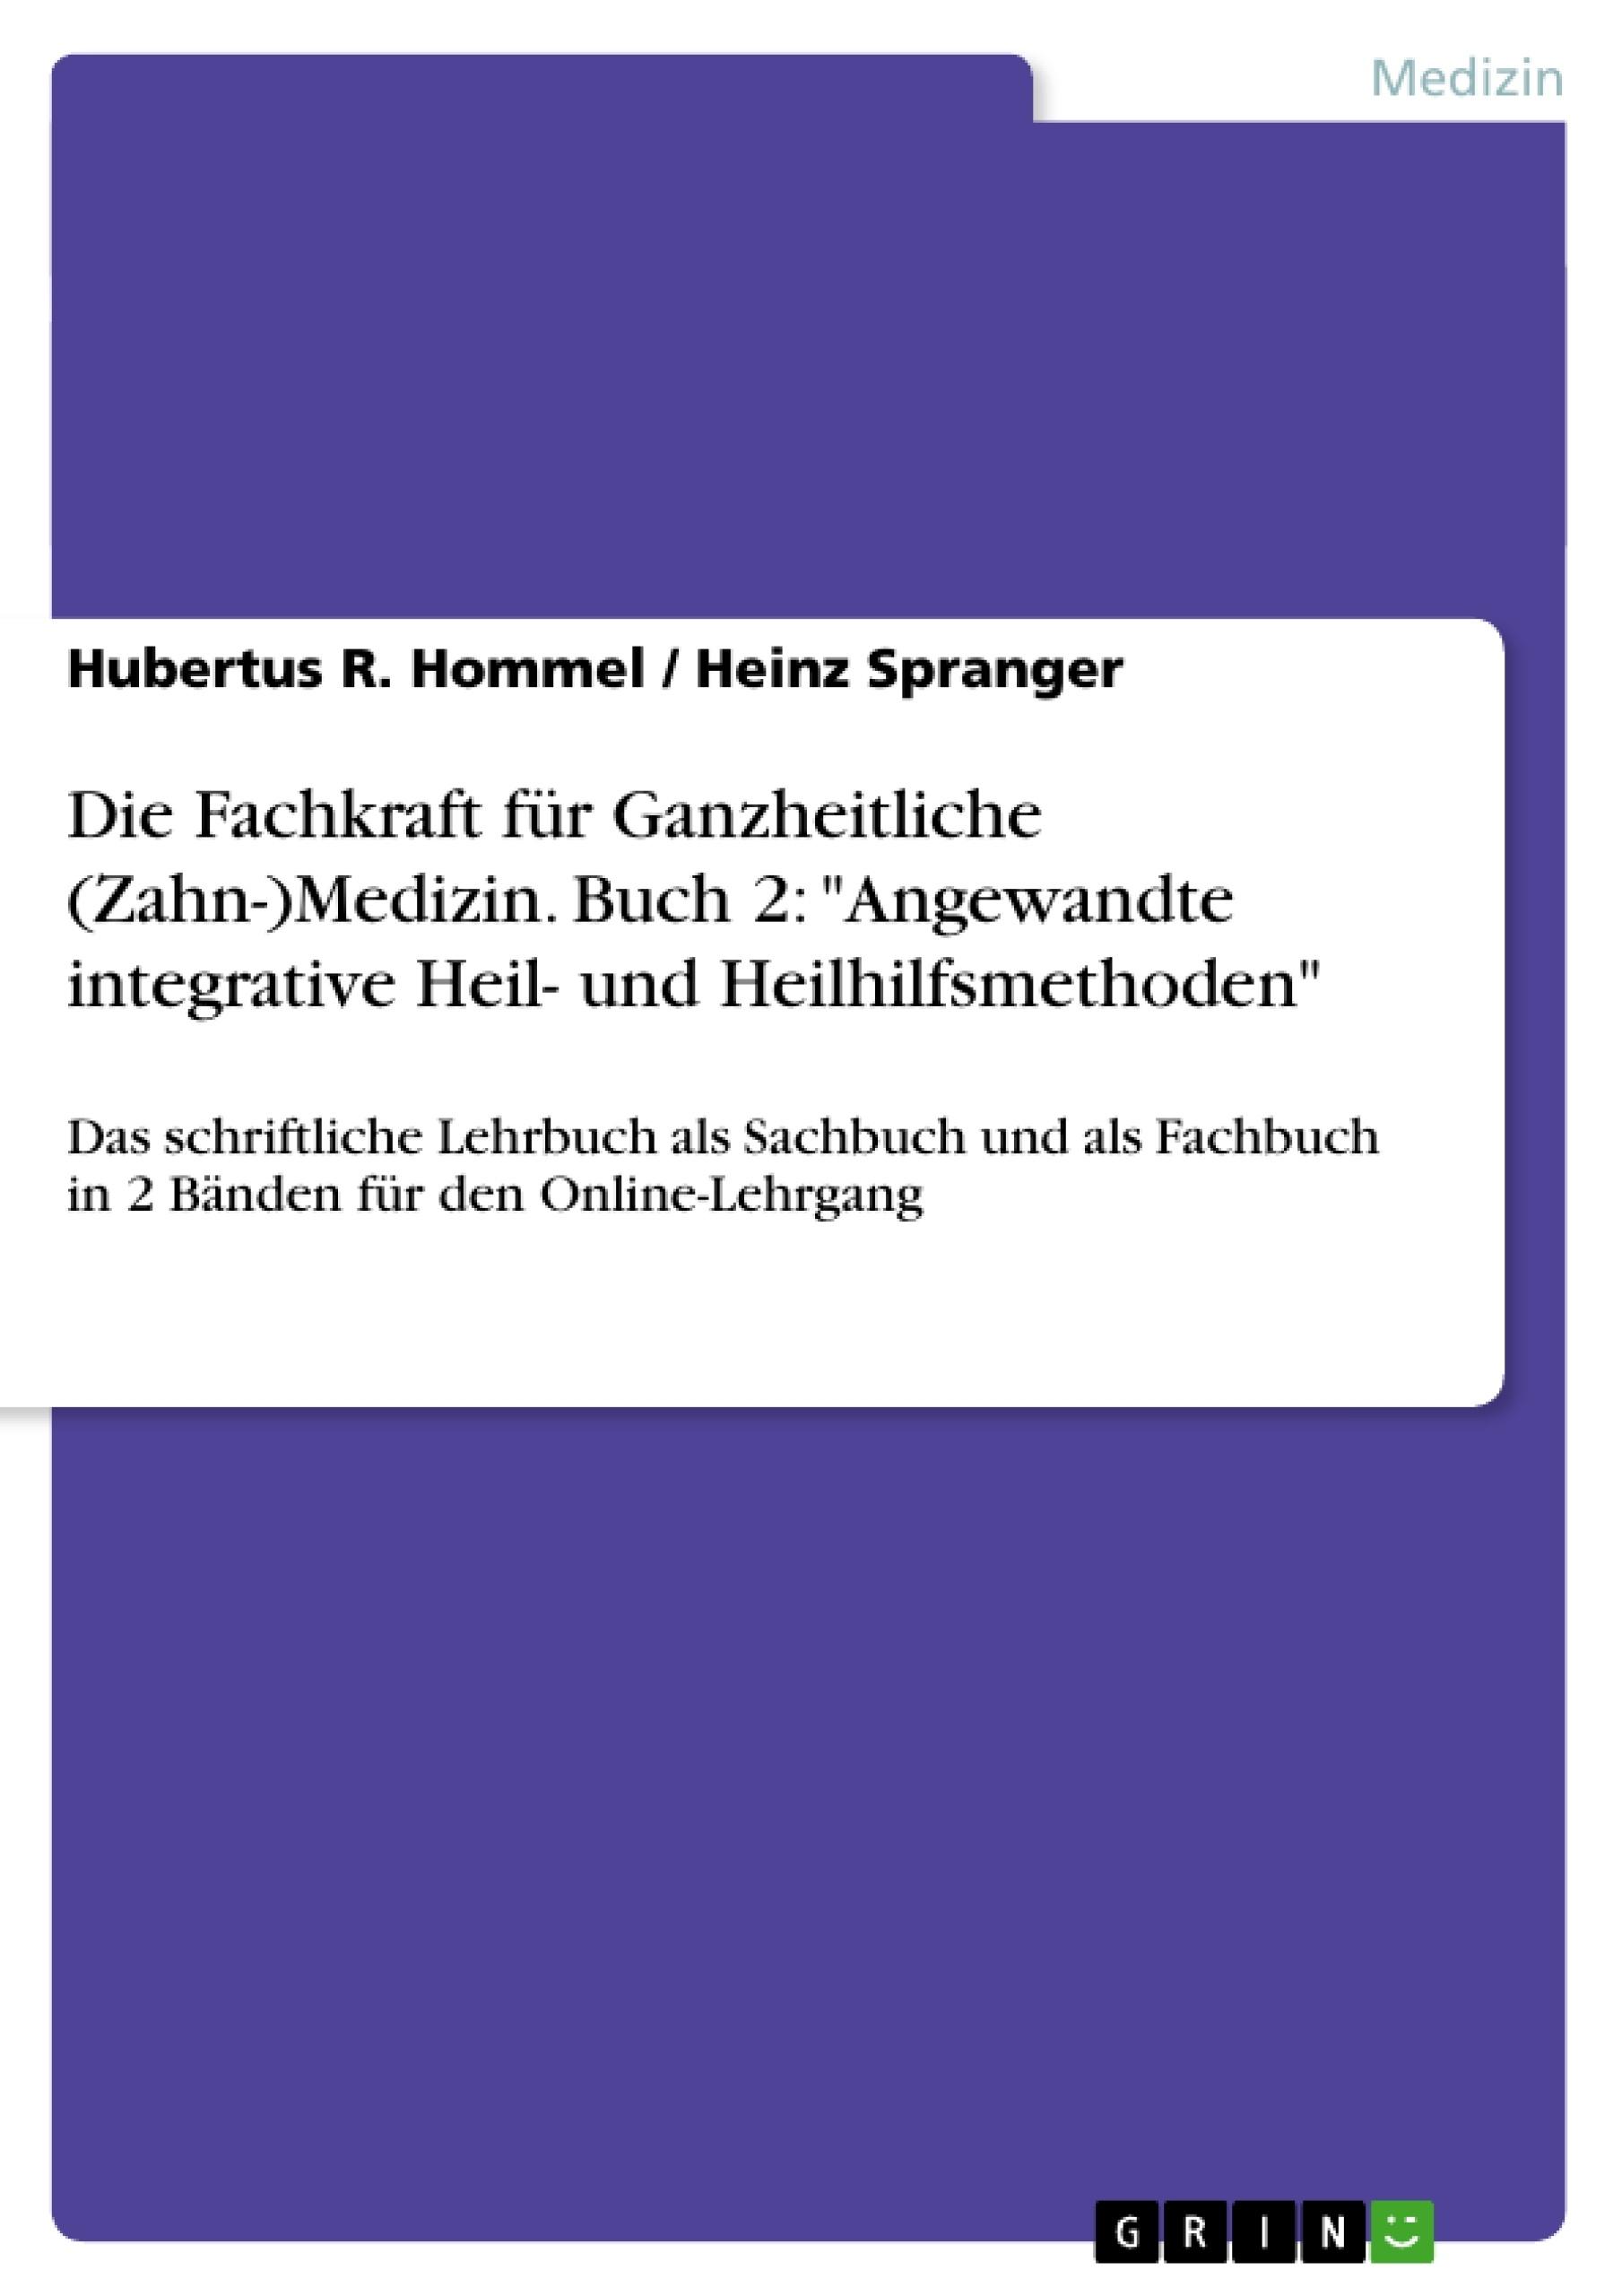 """Titel: Die Fachkraft für Ganzheitliche (Zahn-)Medizin. Buch 2: """"Angewandte integrative Heil- und Heilhilfsmethoden"""""""